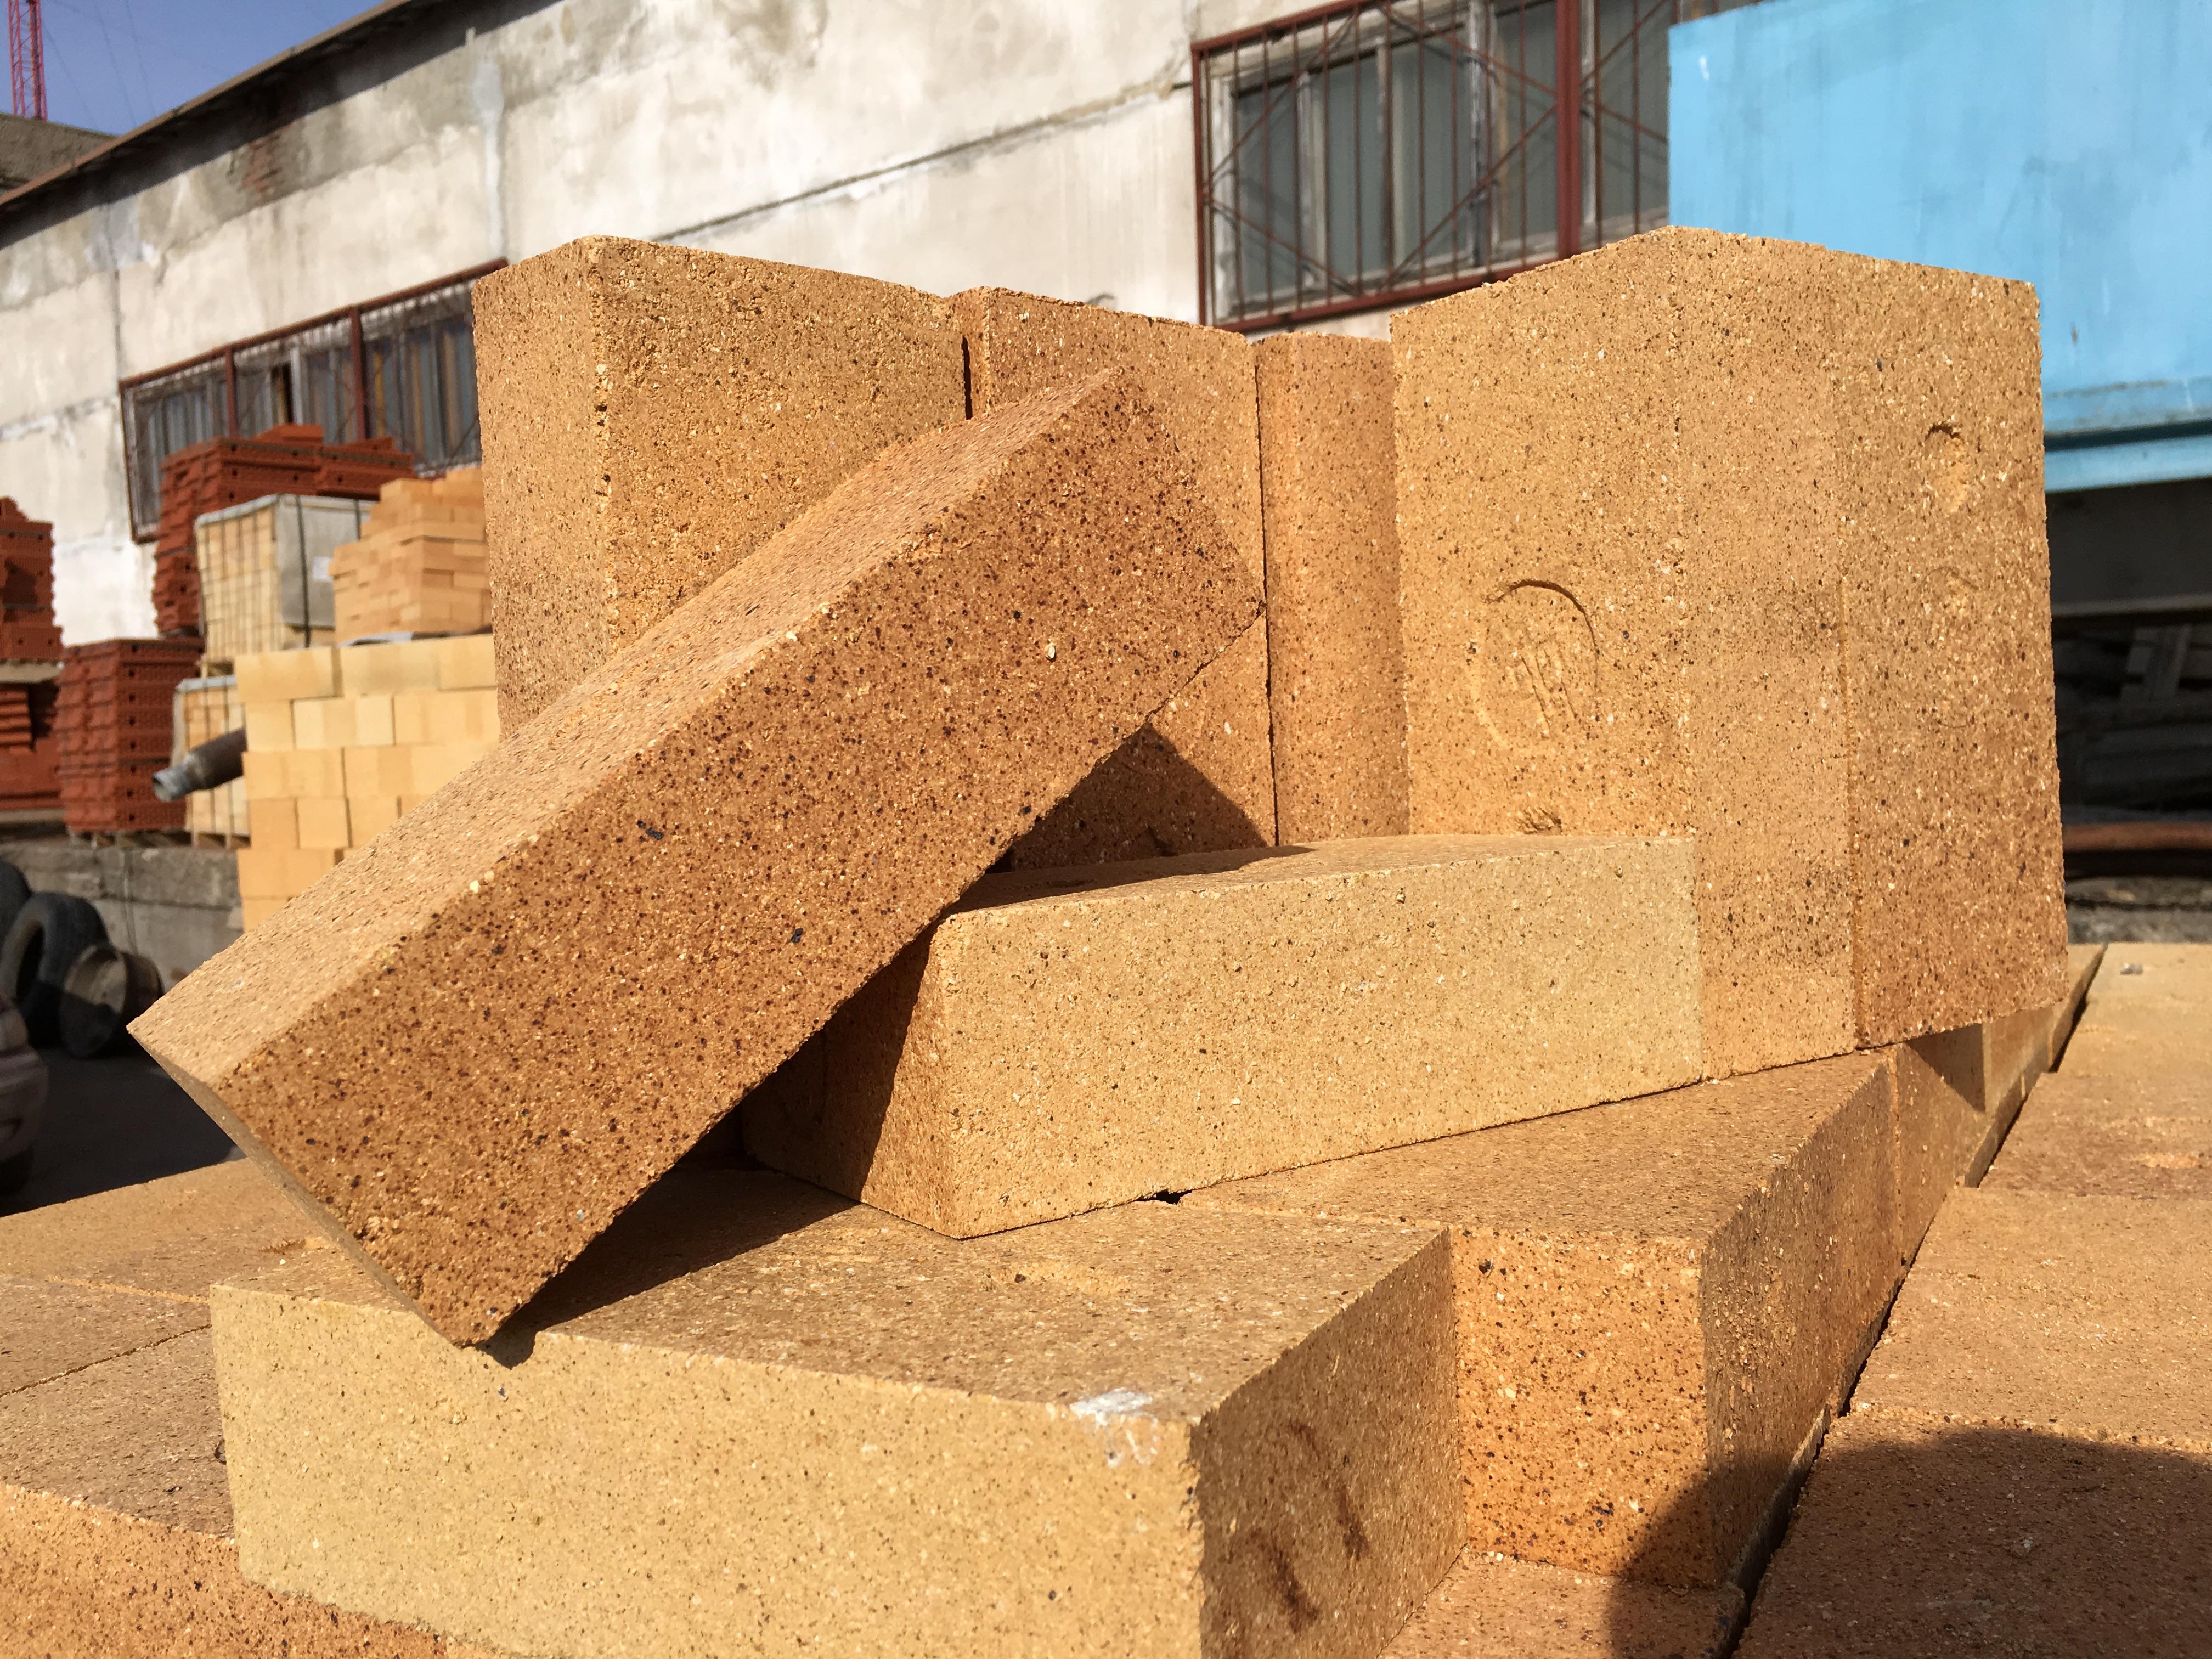 Conduit De Cheminee En Brique Rouge brique coupe-feu (44 photos): taille et poids d'une brique